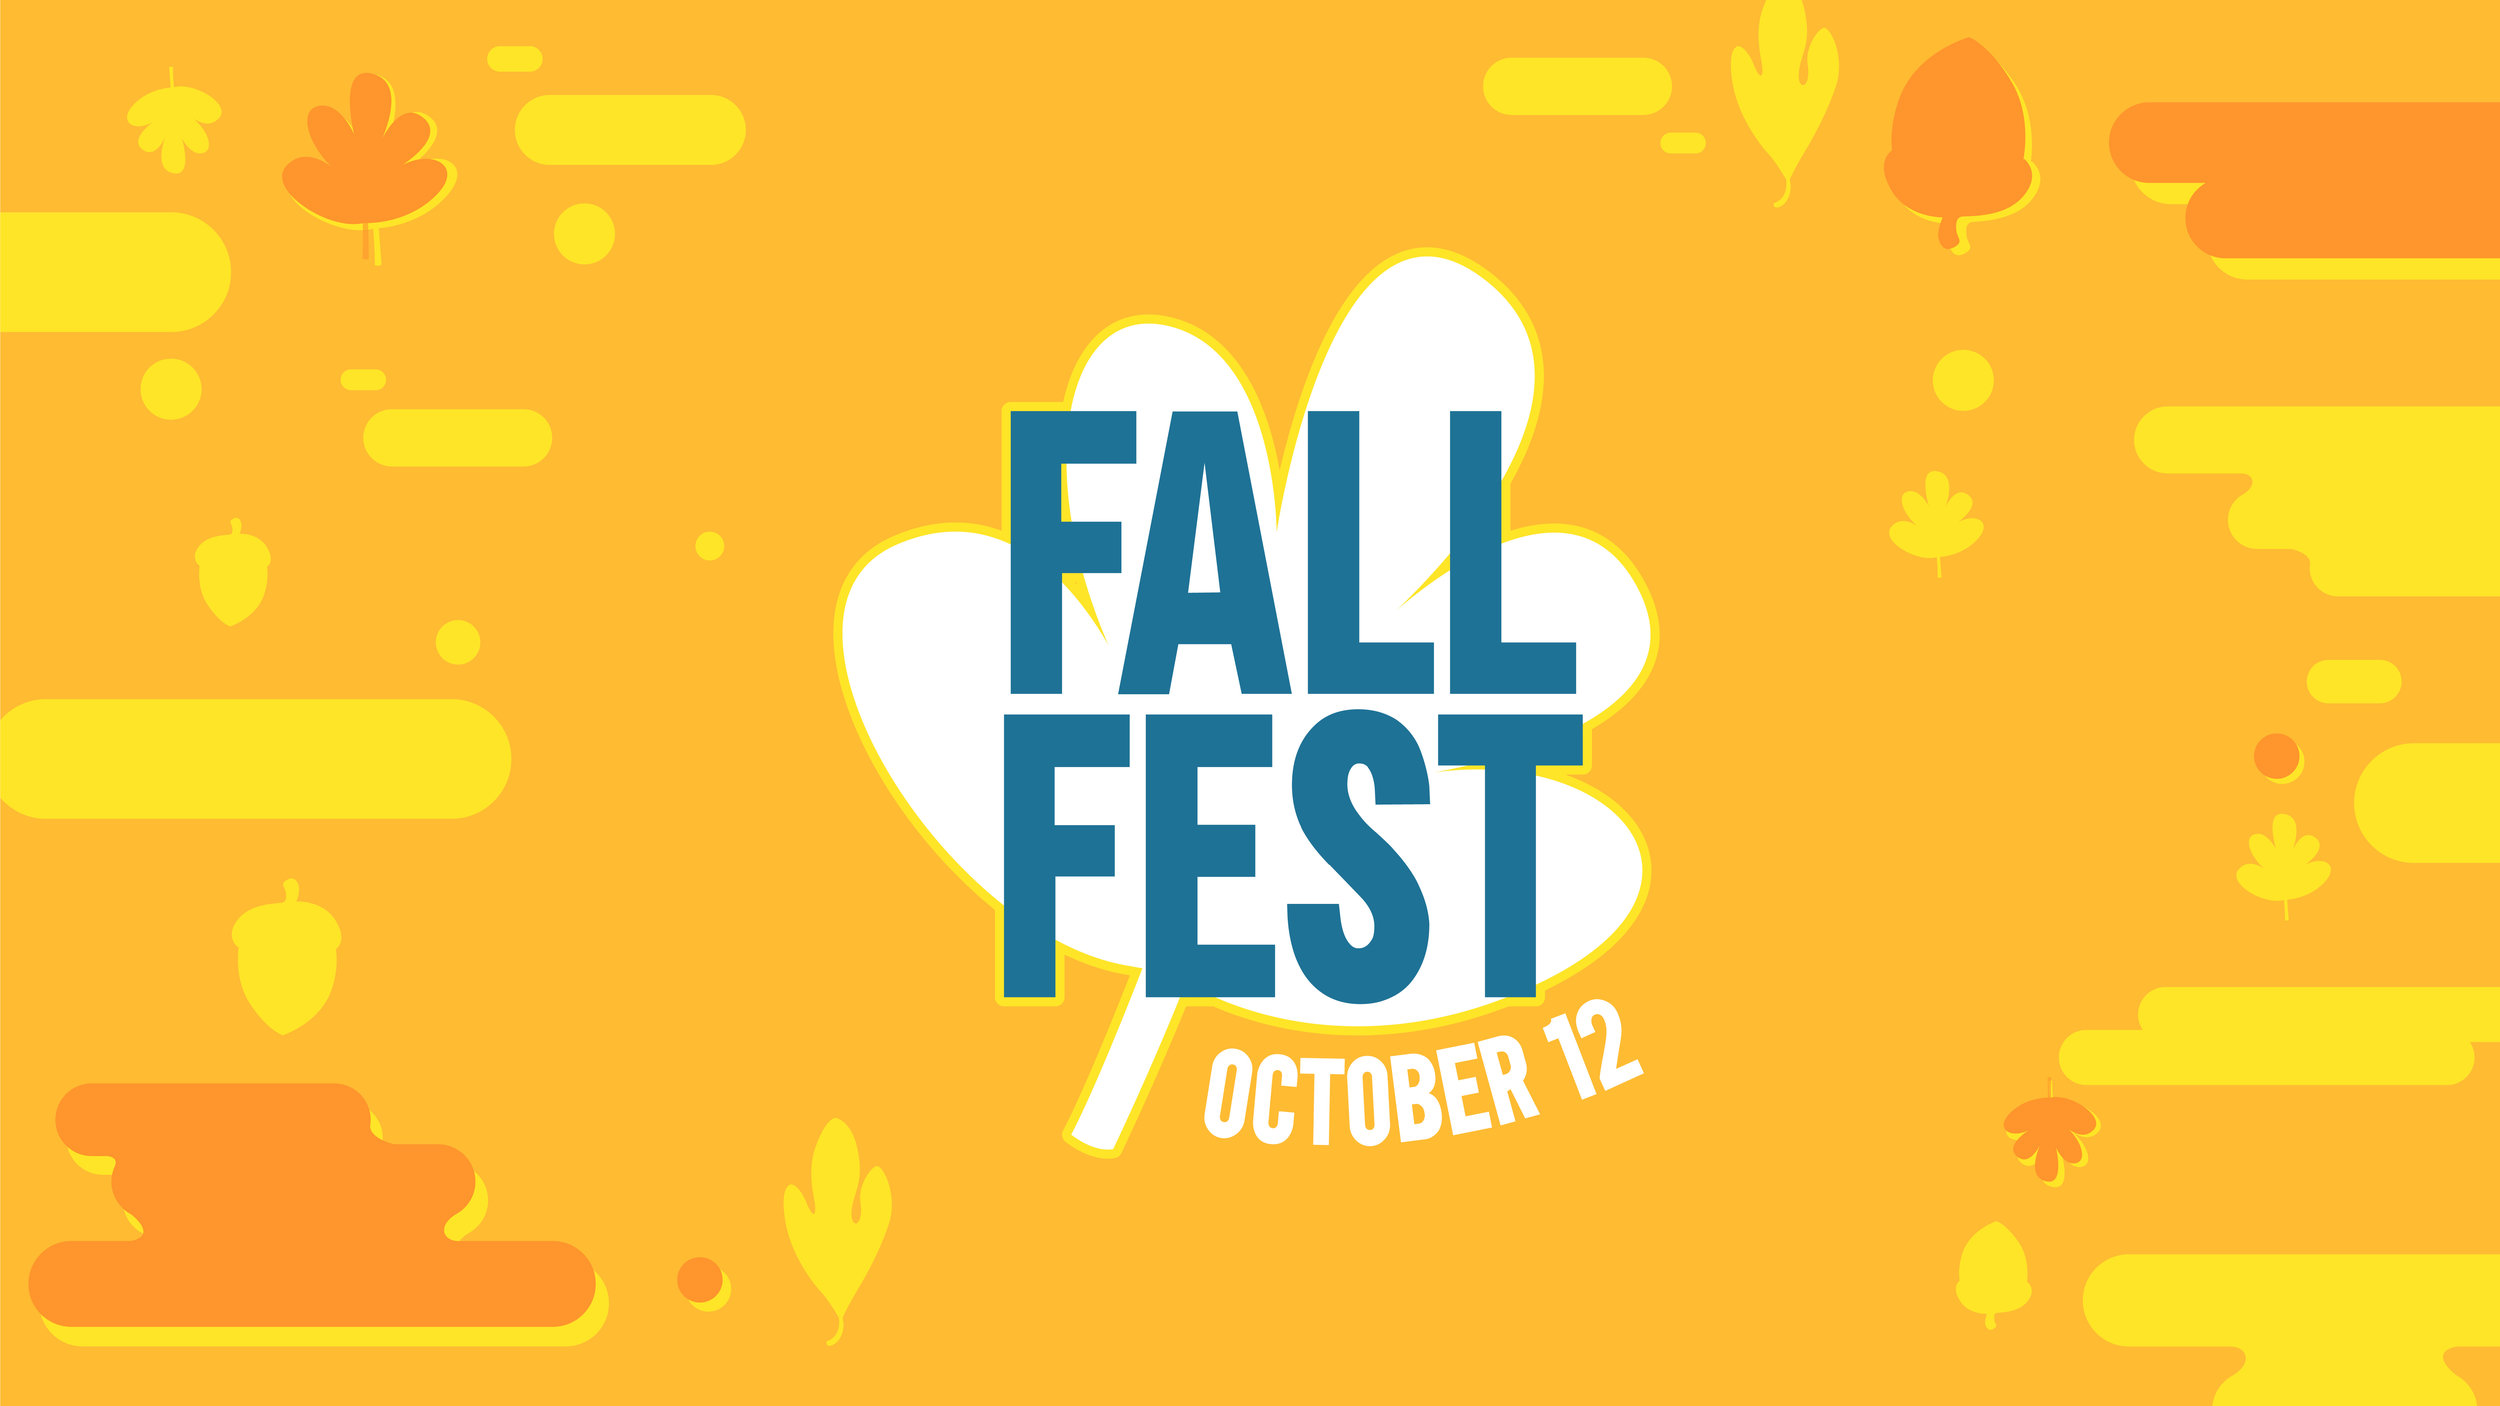 Fall Fest + Pumpkin Patch - Key Art_Pumpkin Patch Title copy.jpg